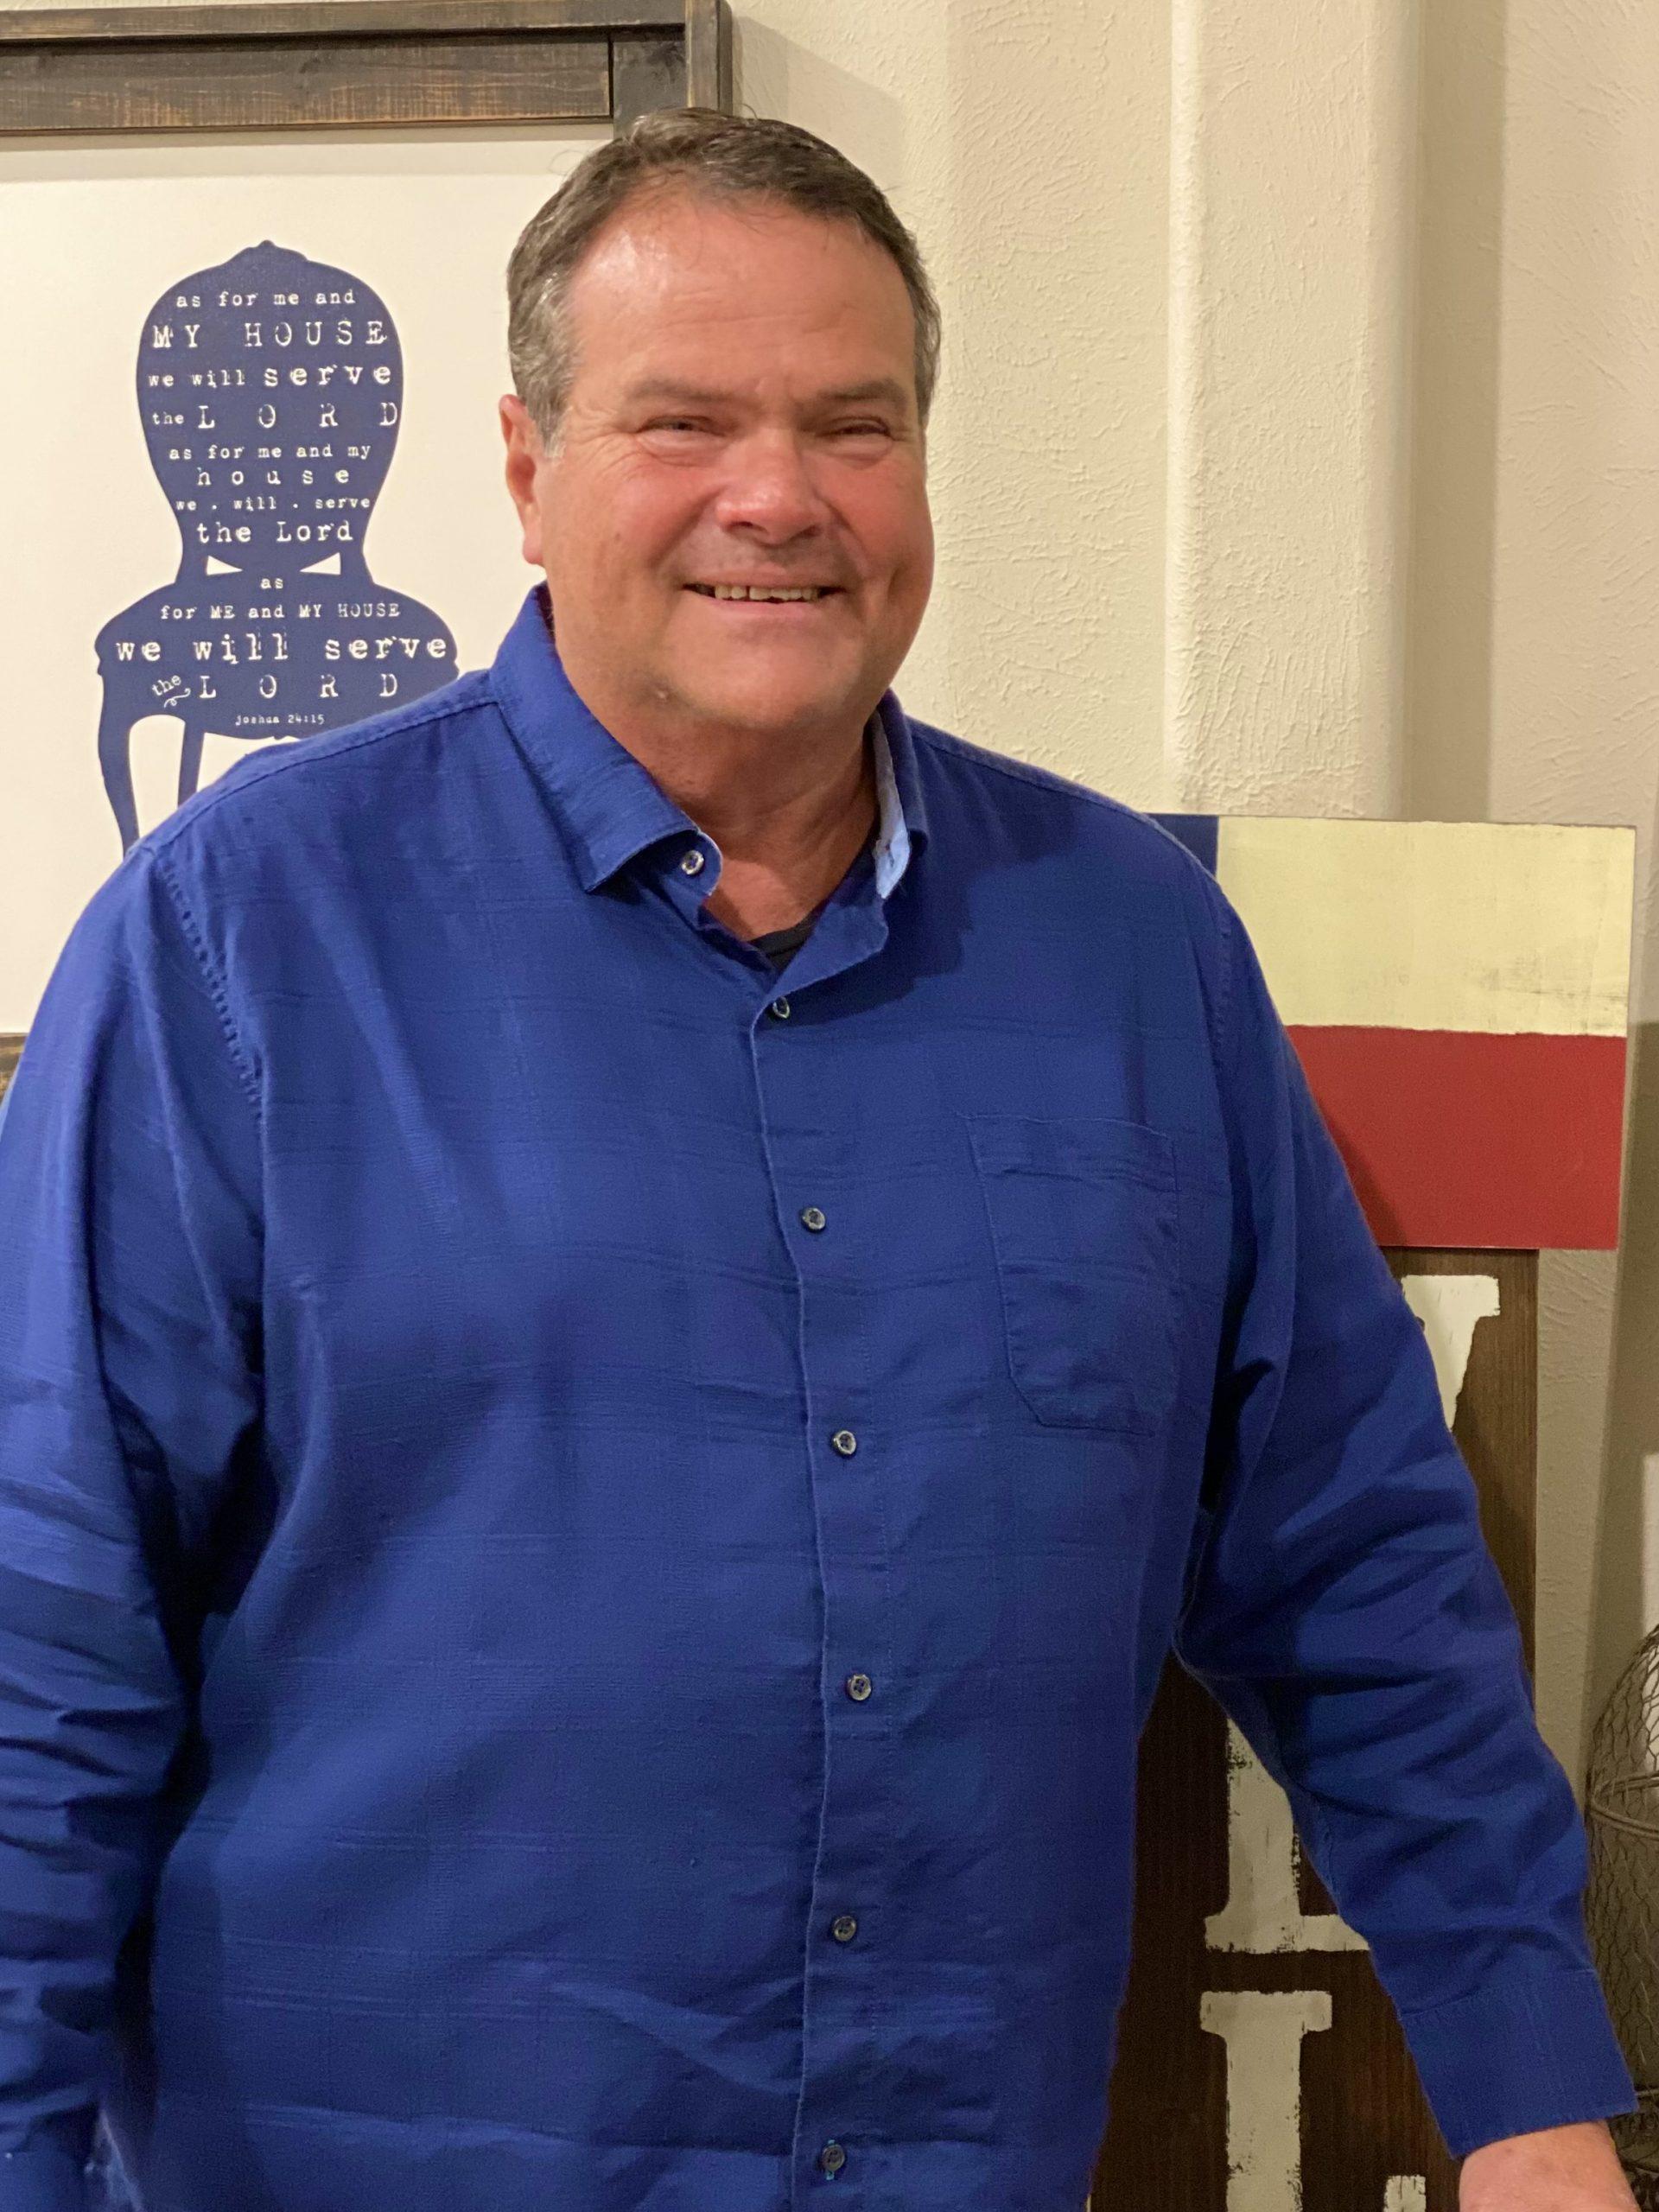 Carl Dautervie